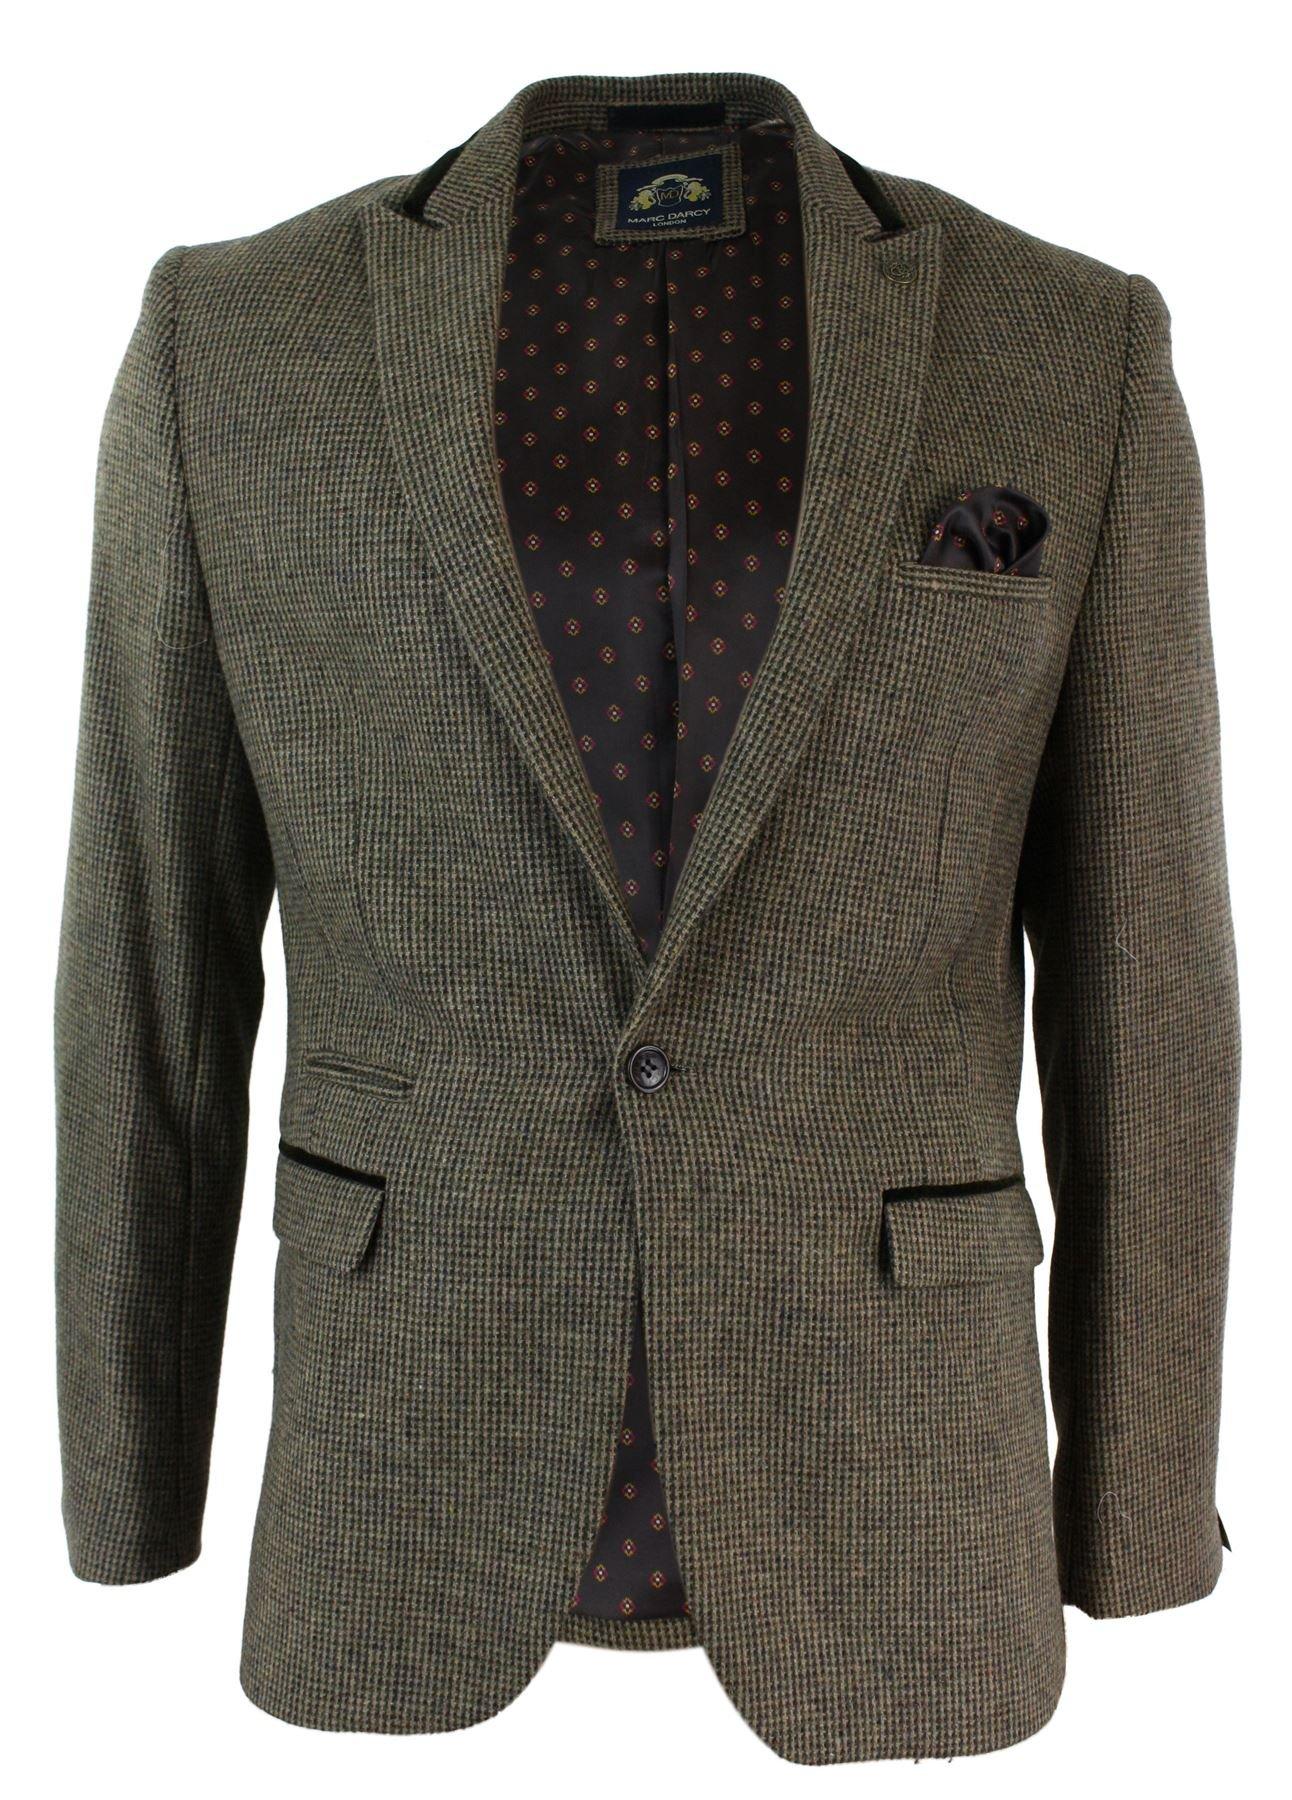 Marc Darcy Mens Retro Tan Brown Herringbone Tweed Slim Fit Vintage Blazer Jacket or Waistcoat tan 48